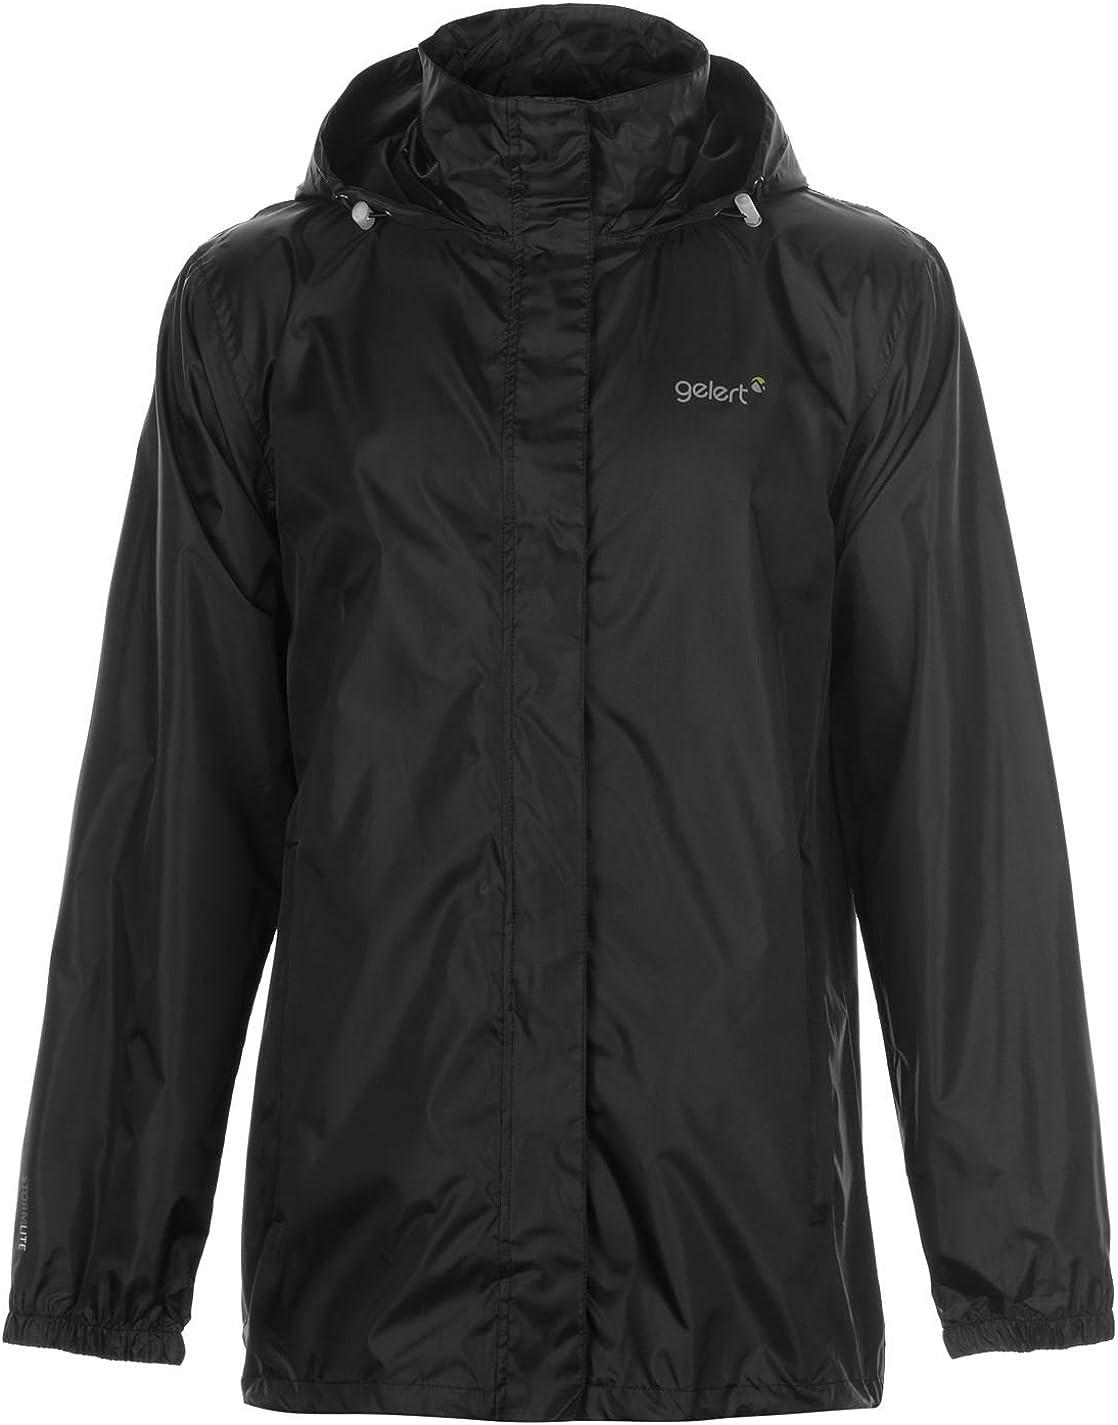 Gelert Mens Packaway Waterproof Jacket